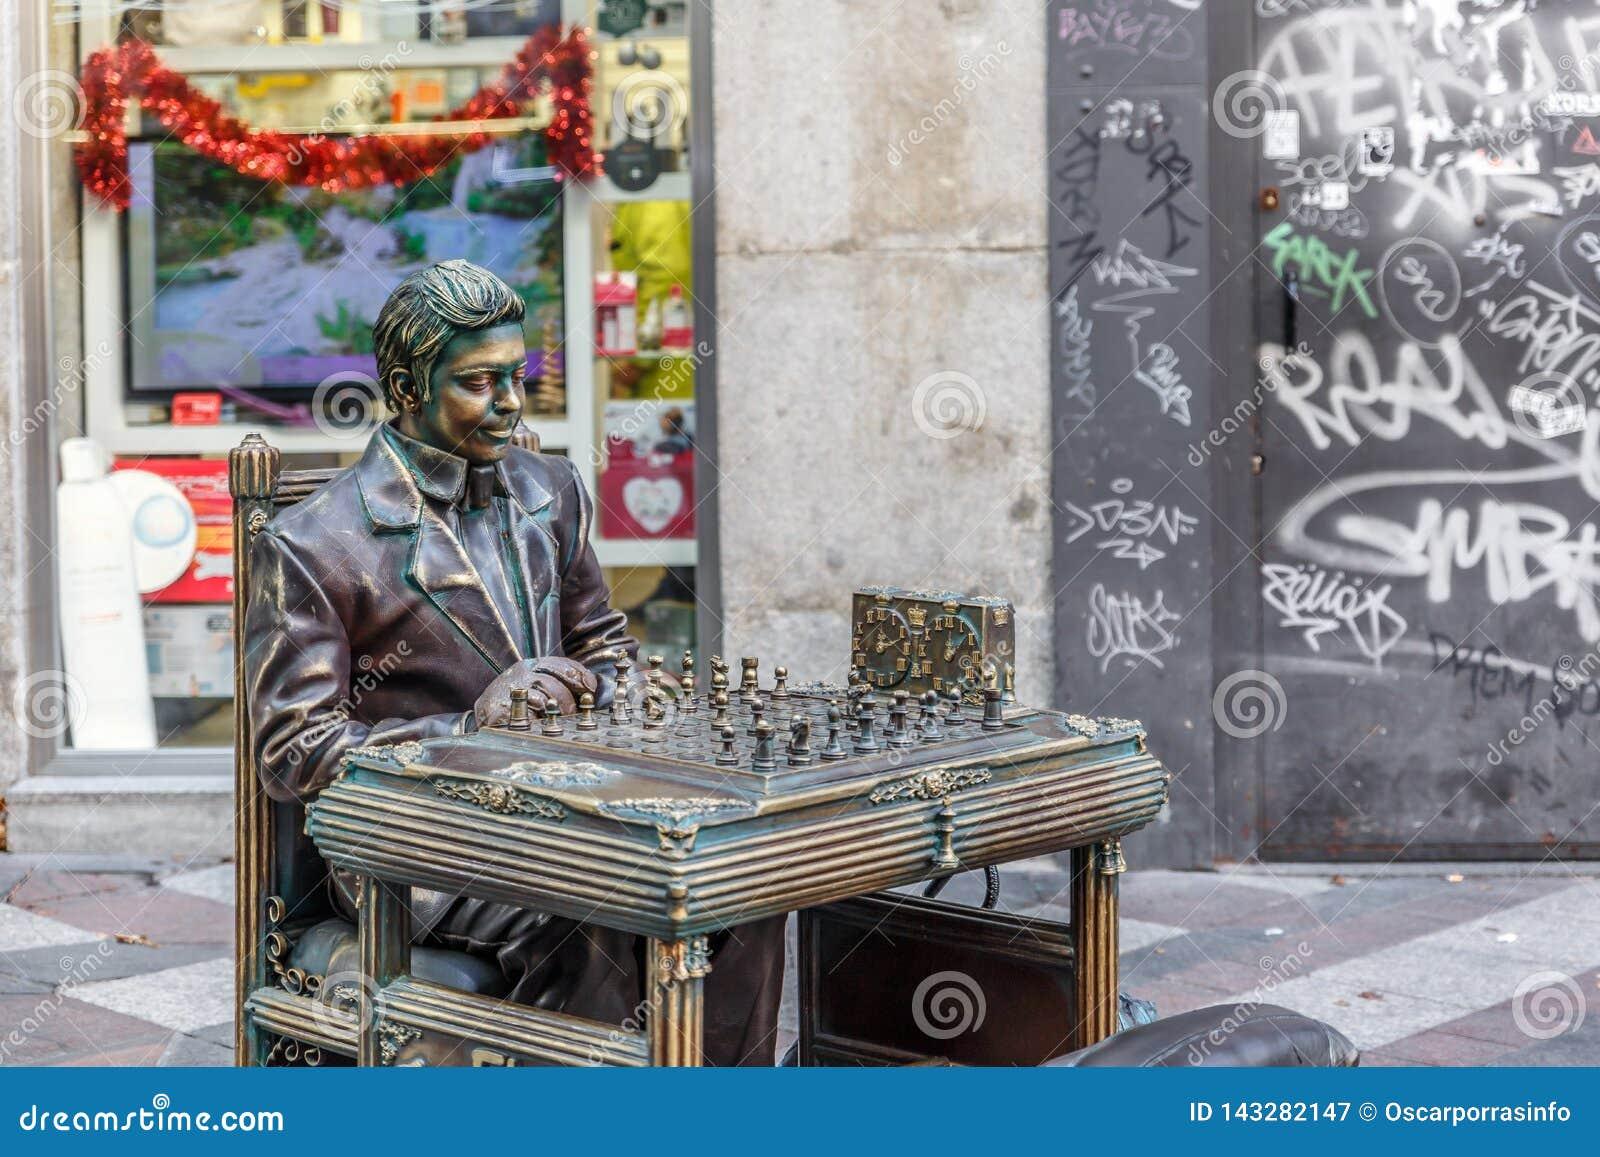 Una statua dell uomo gioca il giocatore di scacchi, fingente di essere tutto il bronzo